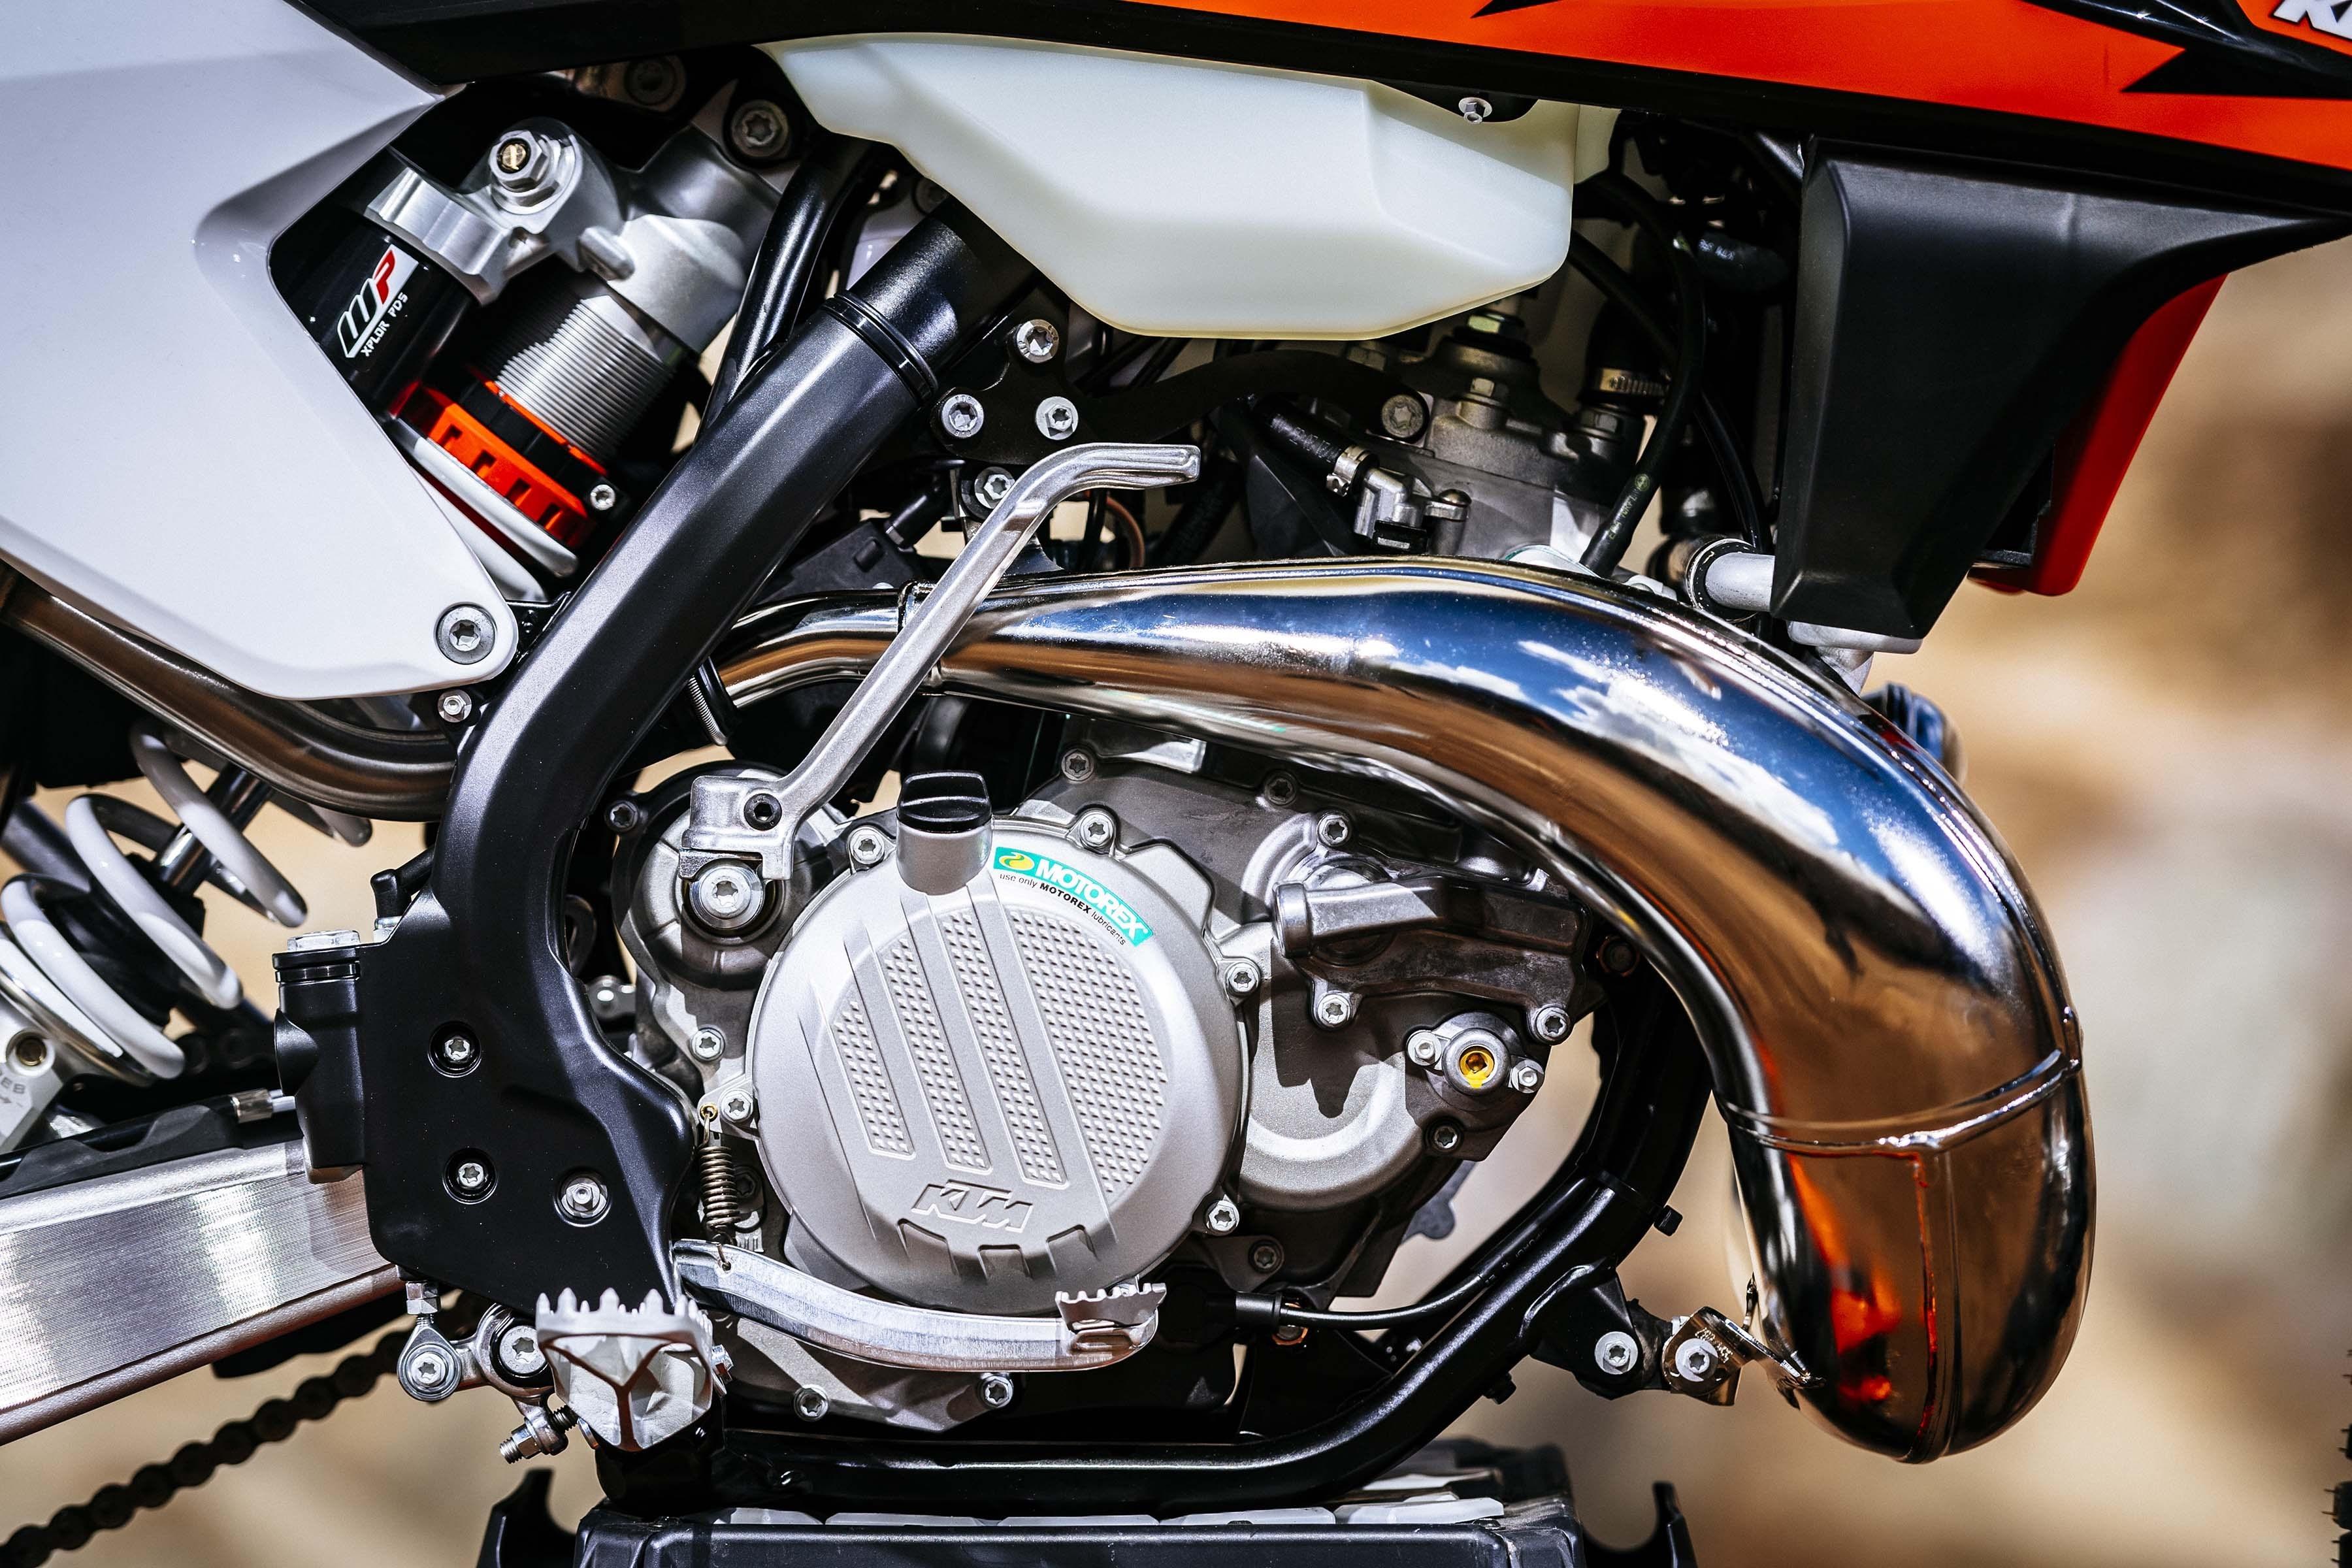 20170519_2018-KTM-250-300-EXC-TPI-dirt-bike260.jpg